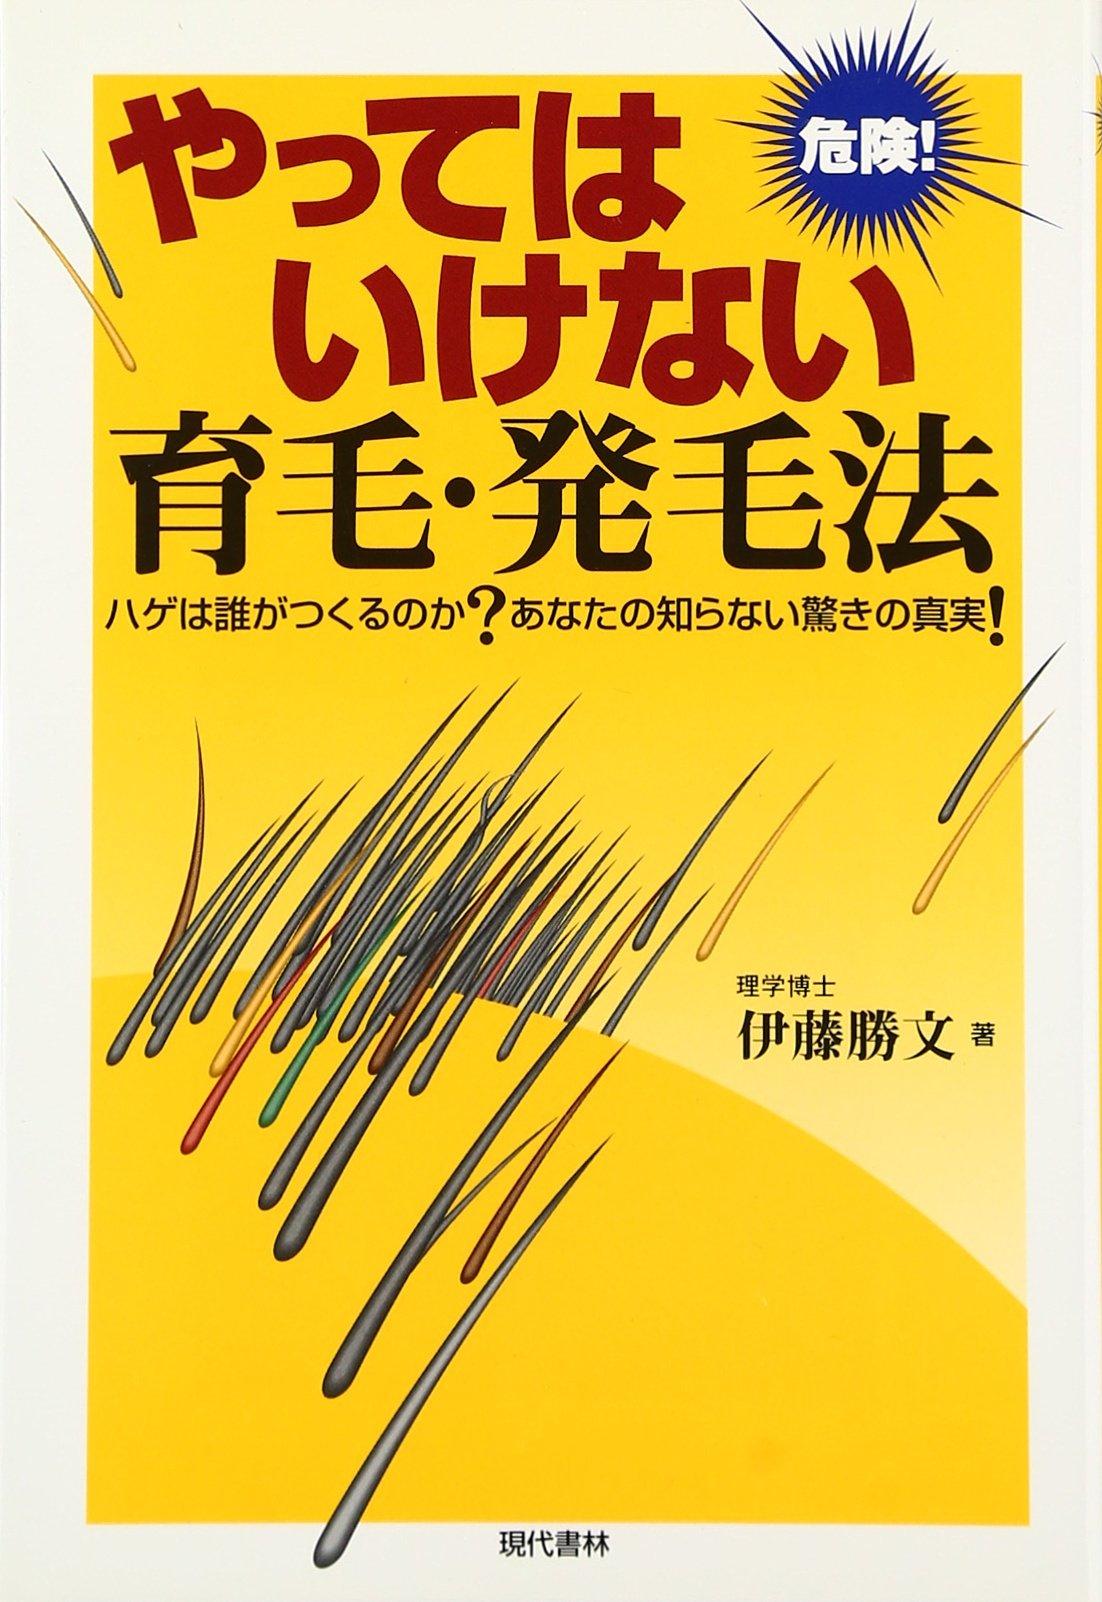 Kiken yatte wa ikenai ikumō hatsumōhō : Hage wa dare ga tsukurunoka anata no shiranai odoroki no shinjitsu ebook